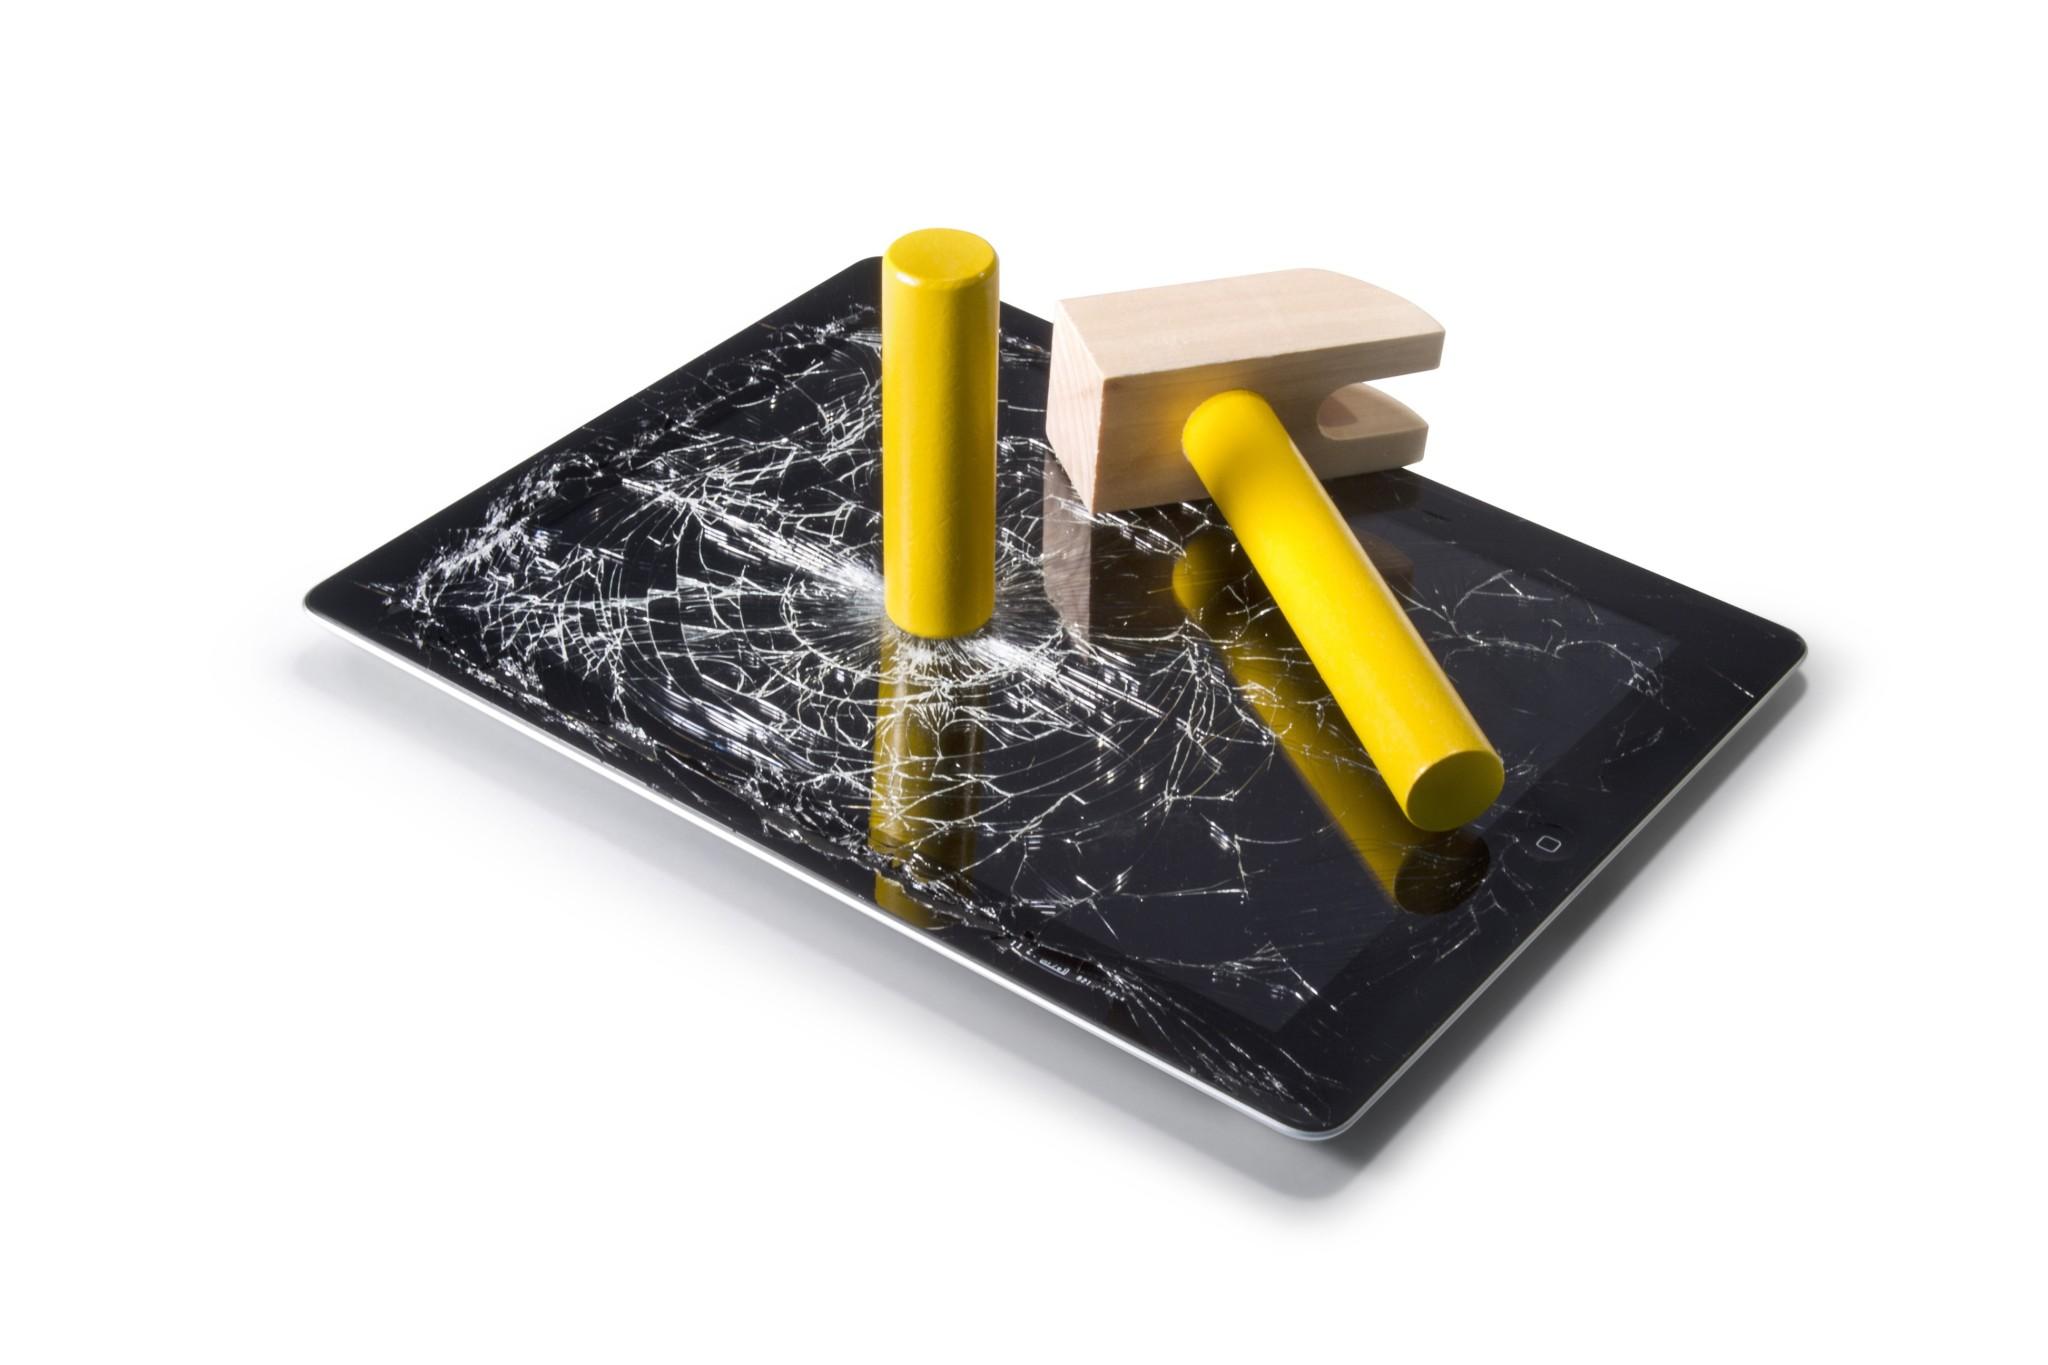 Češi utratili 10 miliard Kč za opravy nebo výměny smartphonů